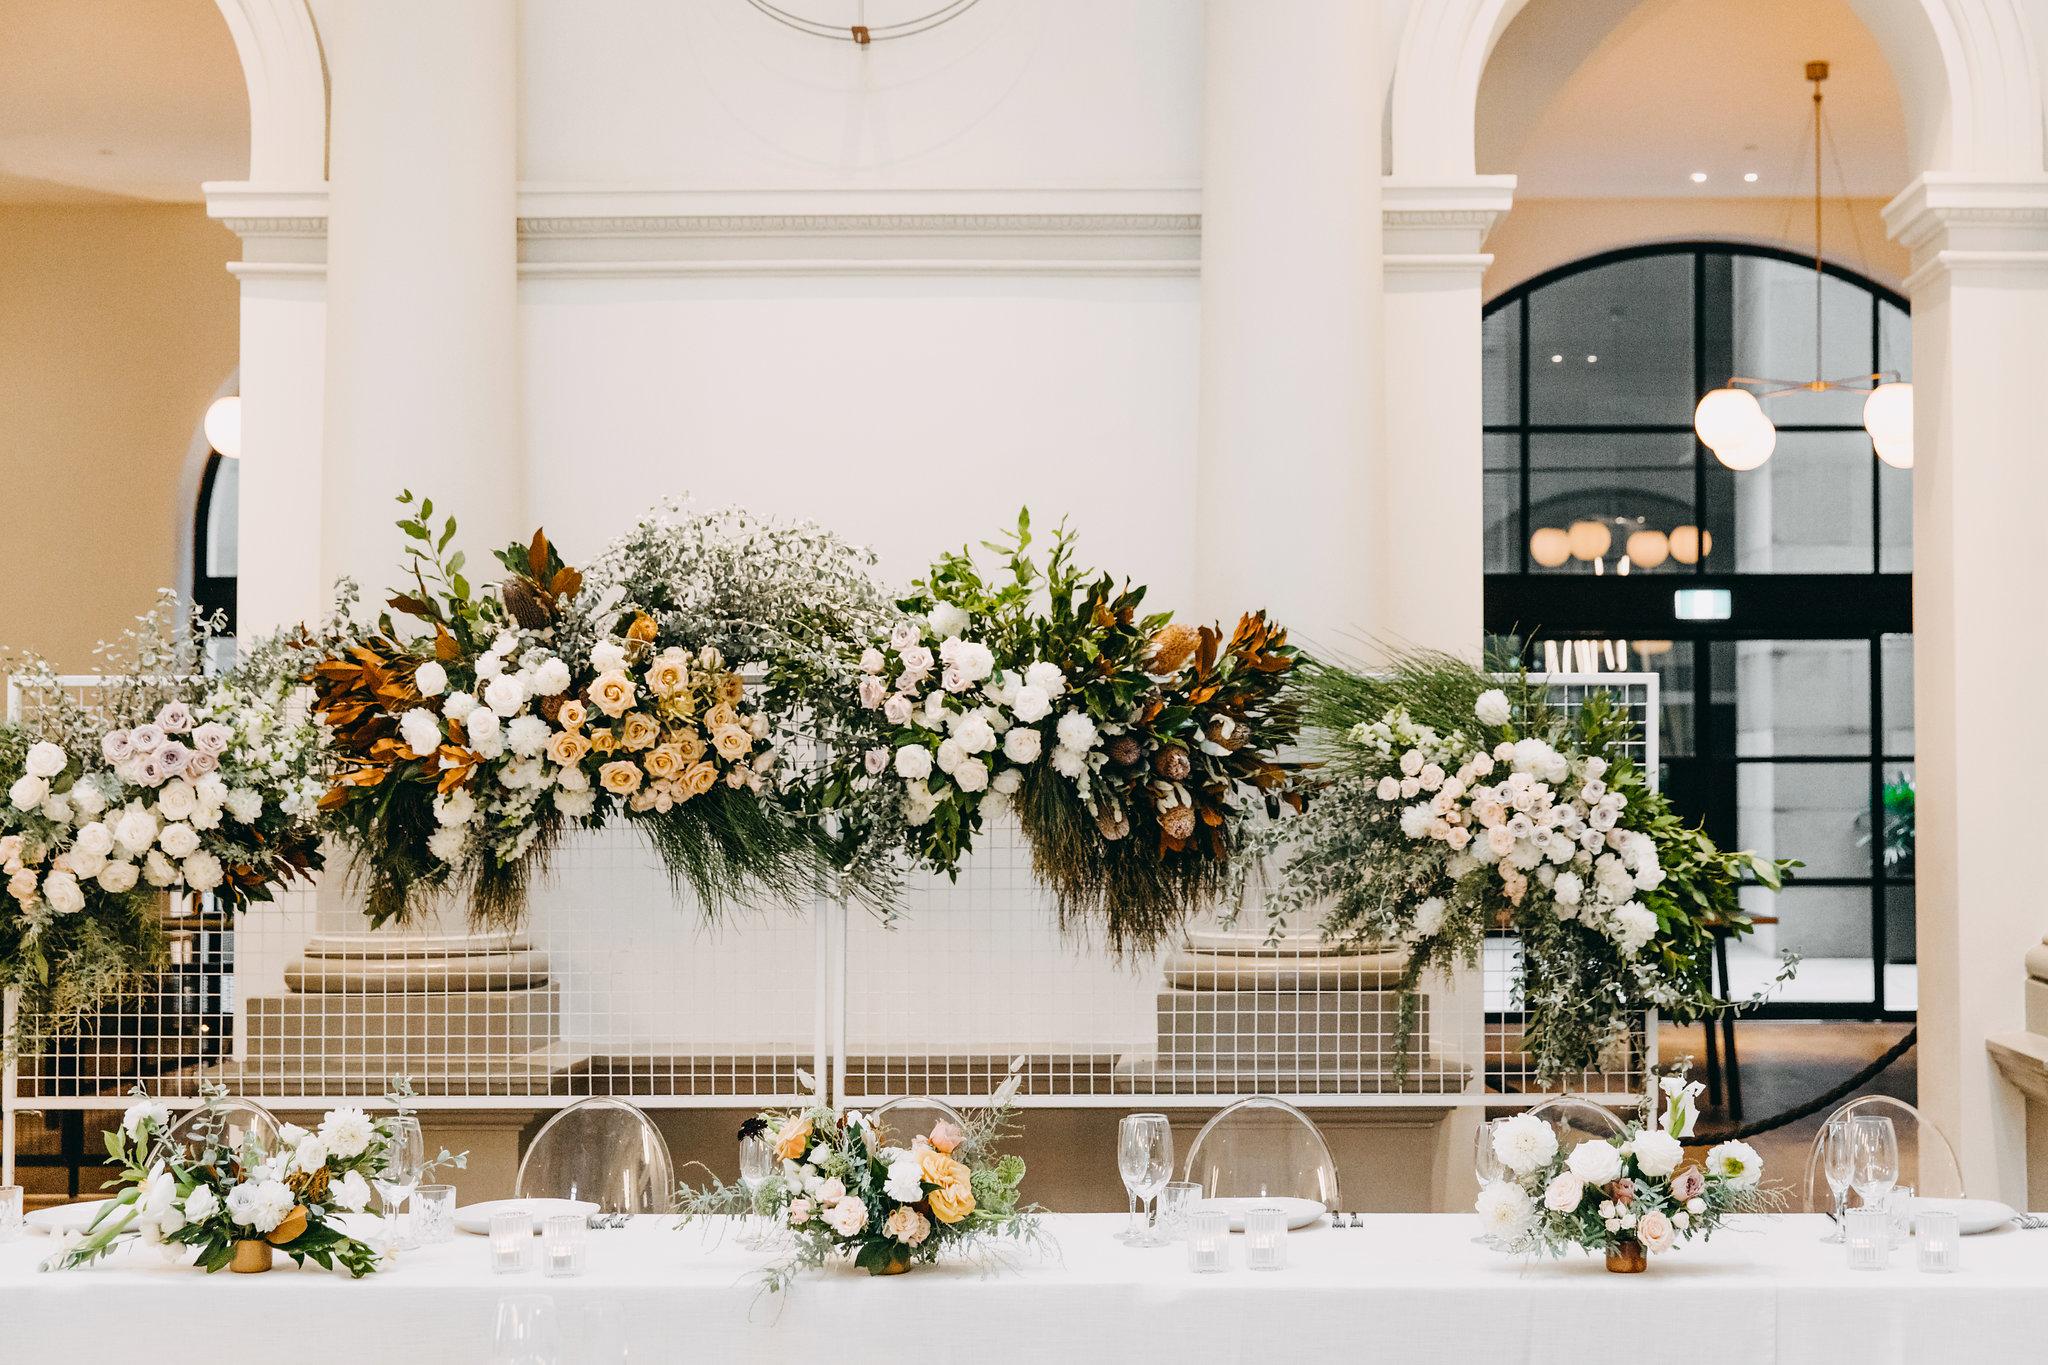 WEDDINGOPENDAY-STATEBUILDINGS-APR2018-42